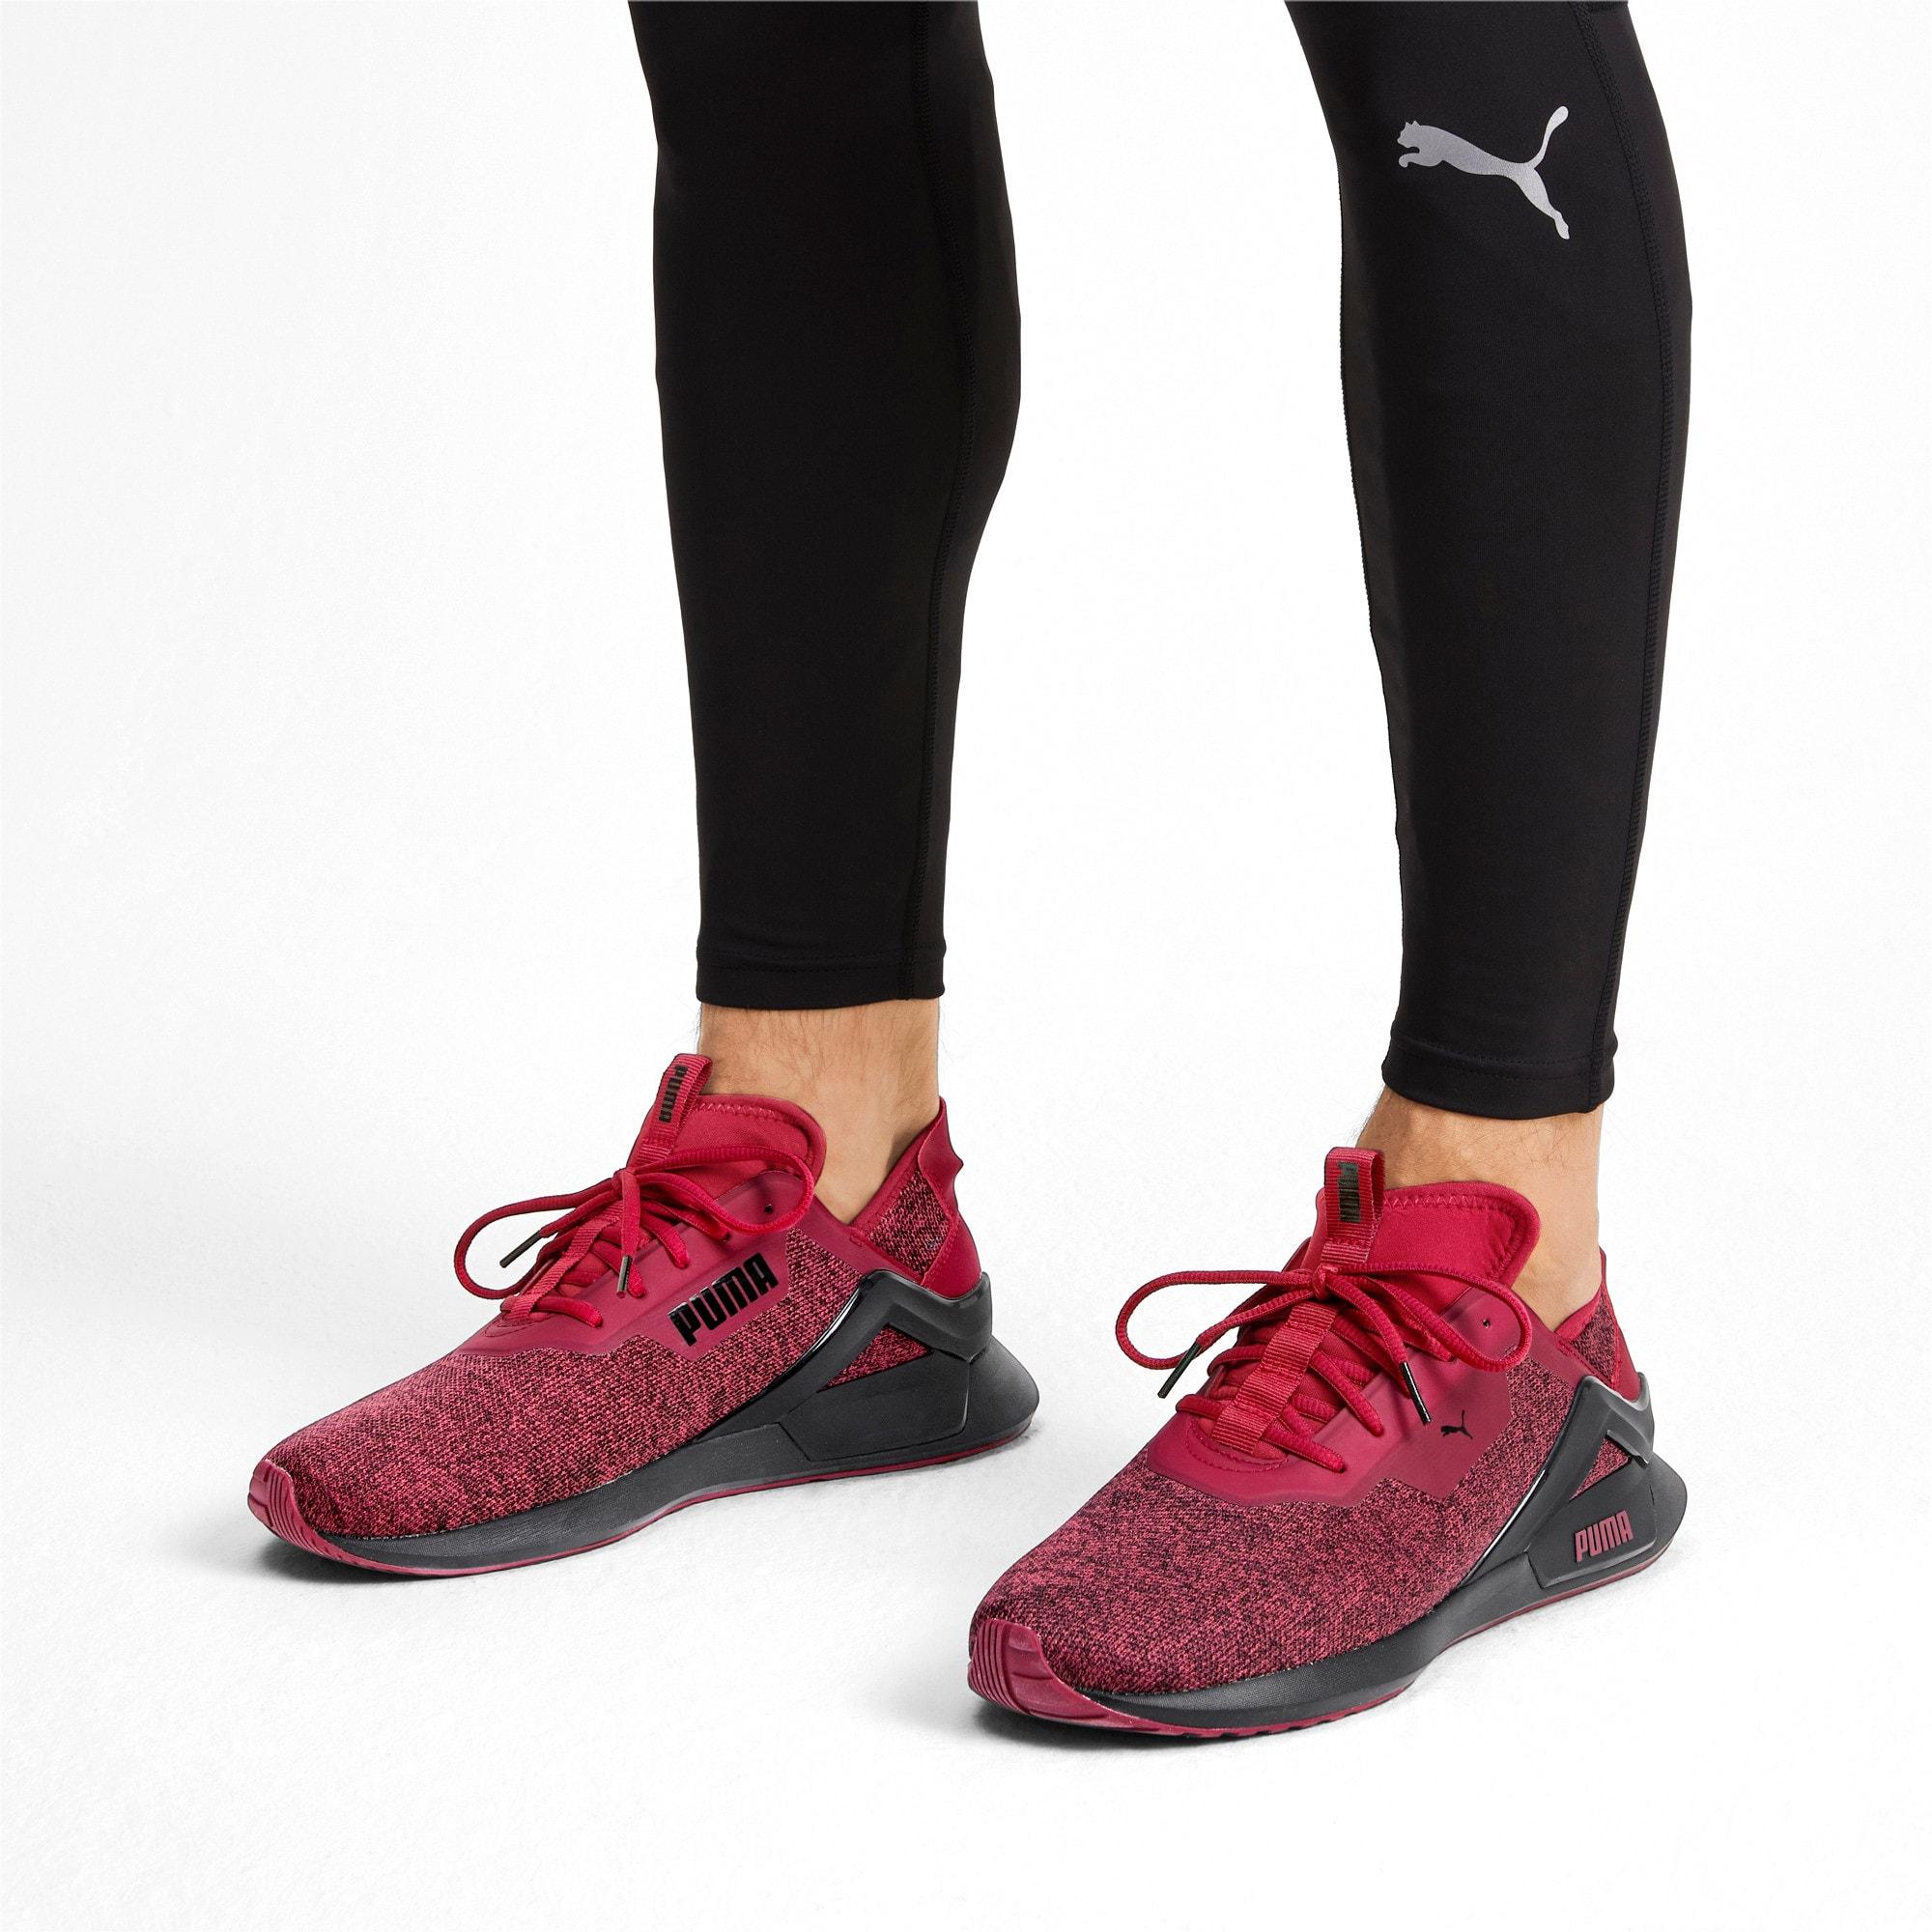 Miniatura 3 de Zapatos de entrenamiento Rogue X Knit para hombre, Rhubarb, mediano